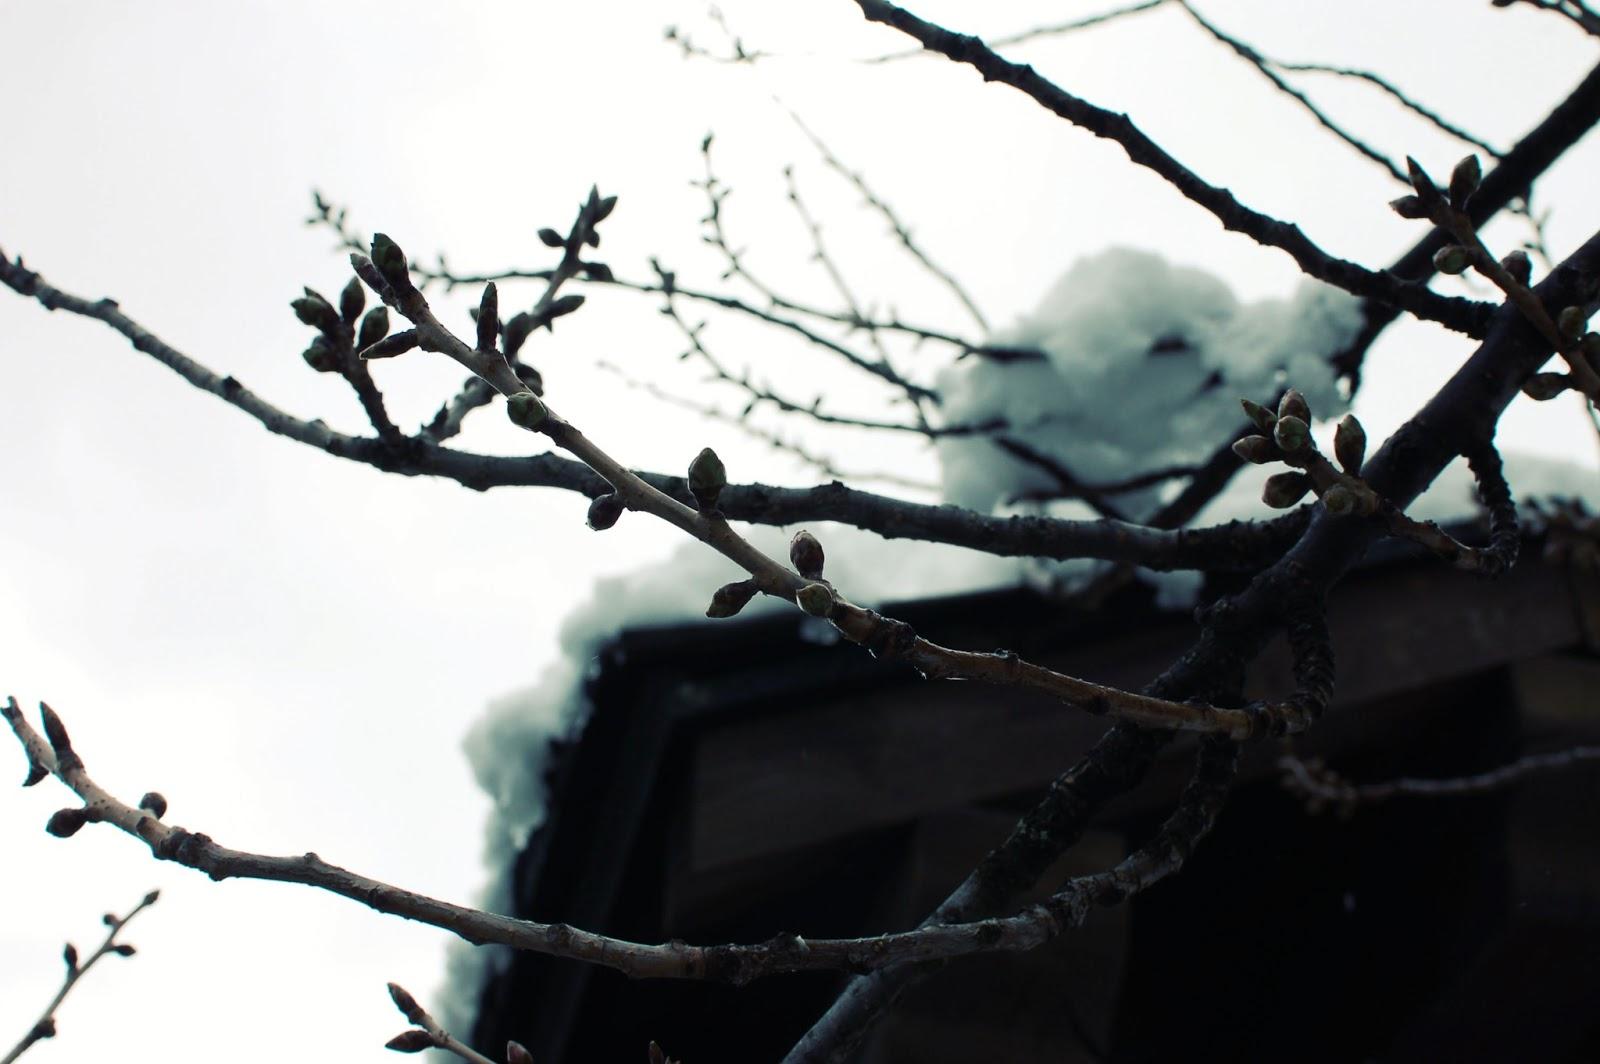 chamonix-nature-hiver-branches-neige-alpes-mont-blanc-haute-savoie